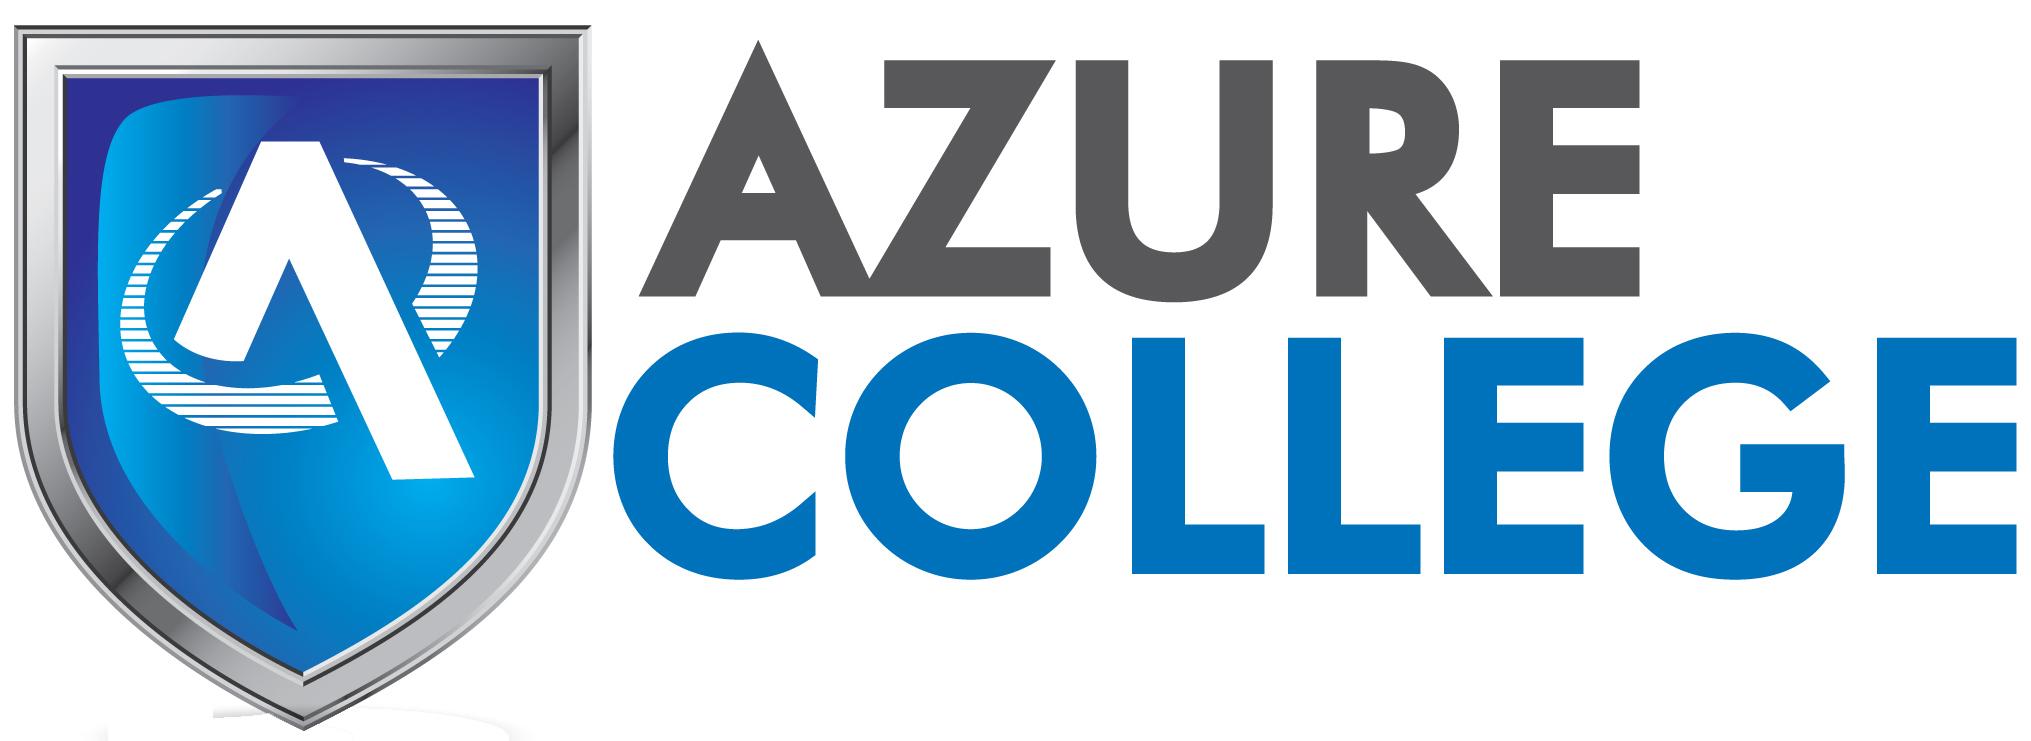 Azure College